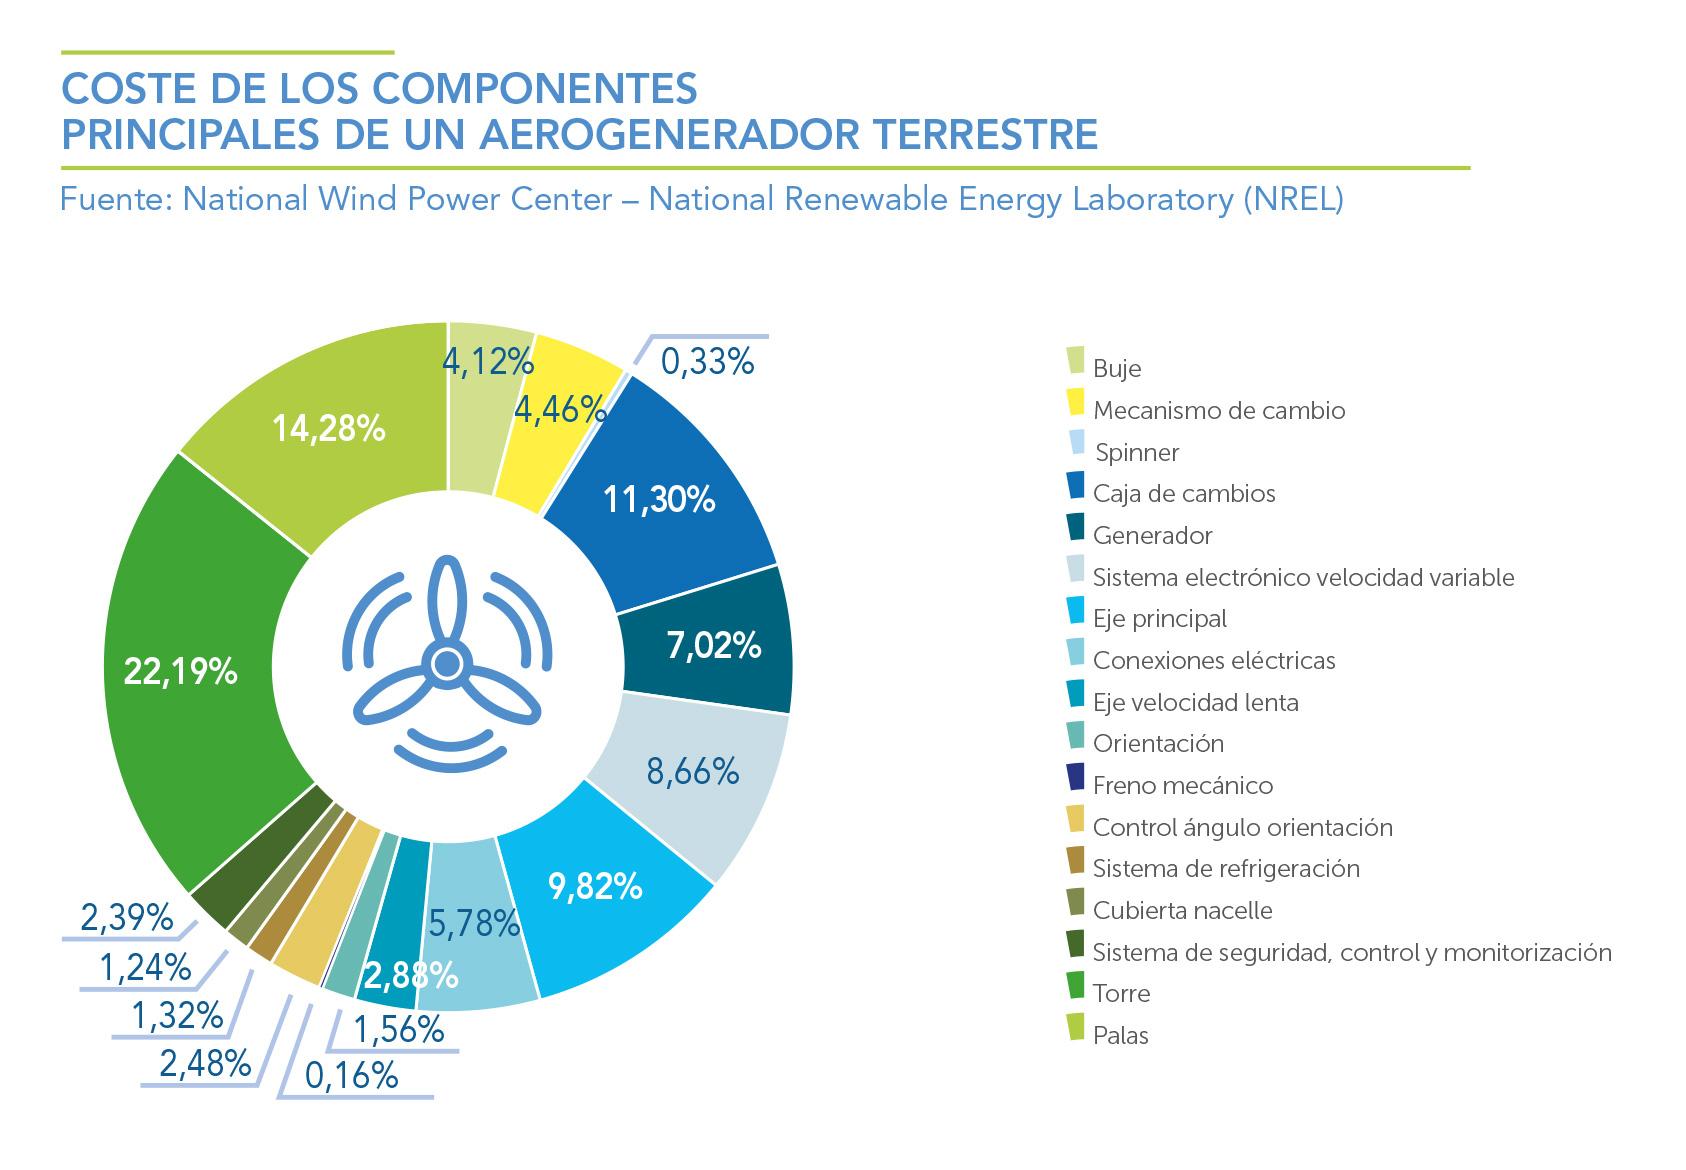 COSTE-DE-LOS-COMPONENTES-PRINCIPALES-DE-UN-AEROGENERADOR-TERRESTRE